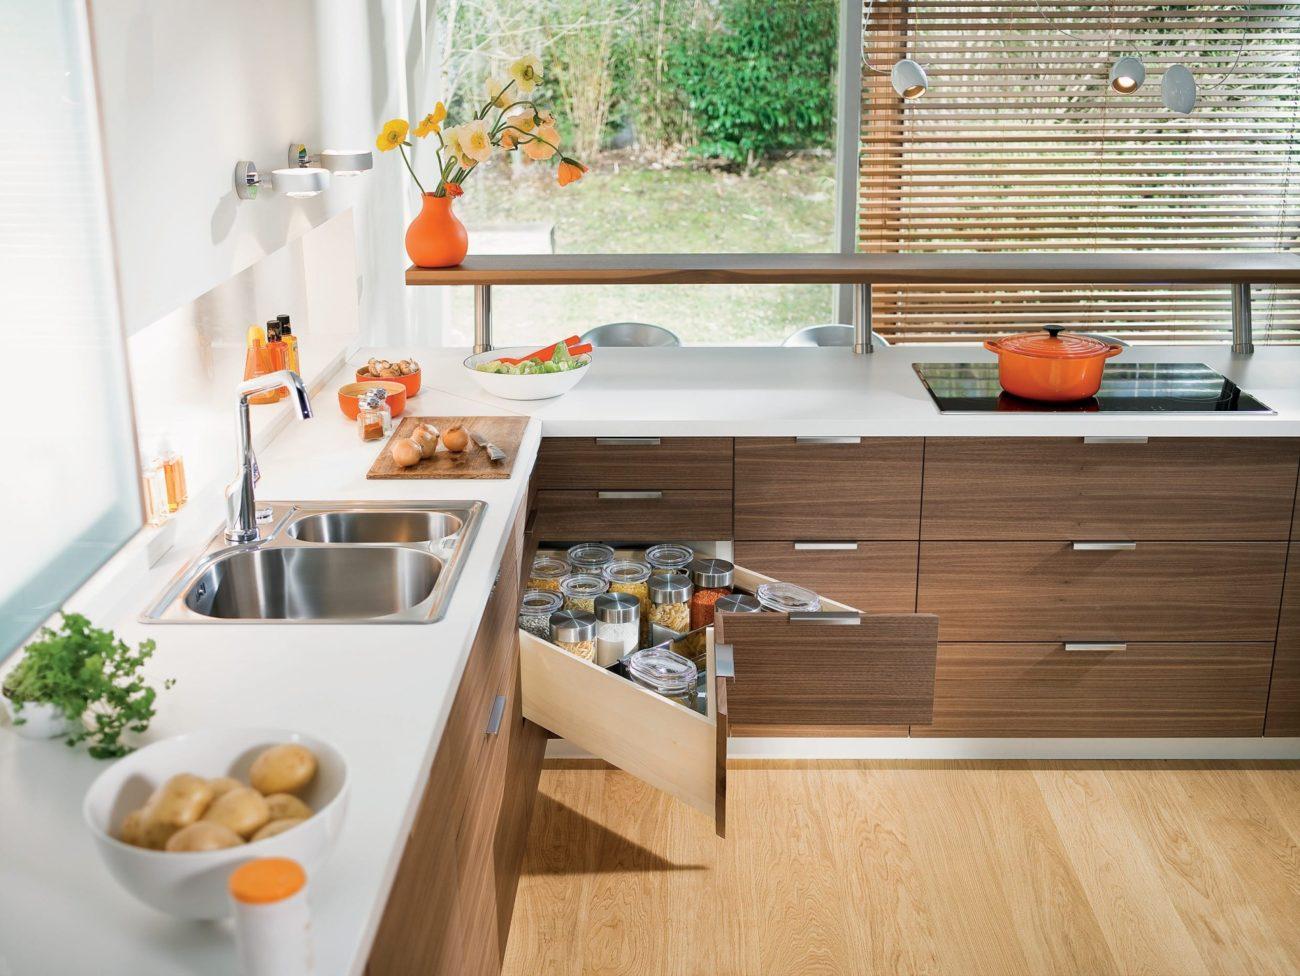 Full Size of Häcker Müllsystem Eckschrank In Der Kche Lsungen Halbschrank Küche Wohnzimmer Häcker Müllsystem